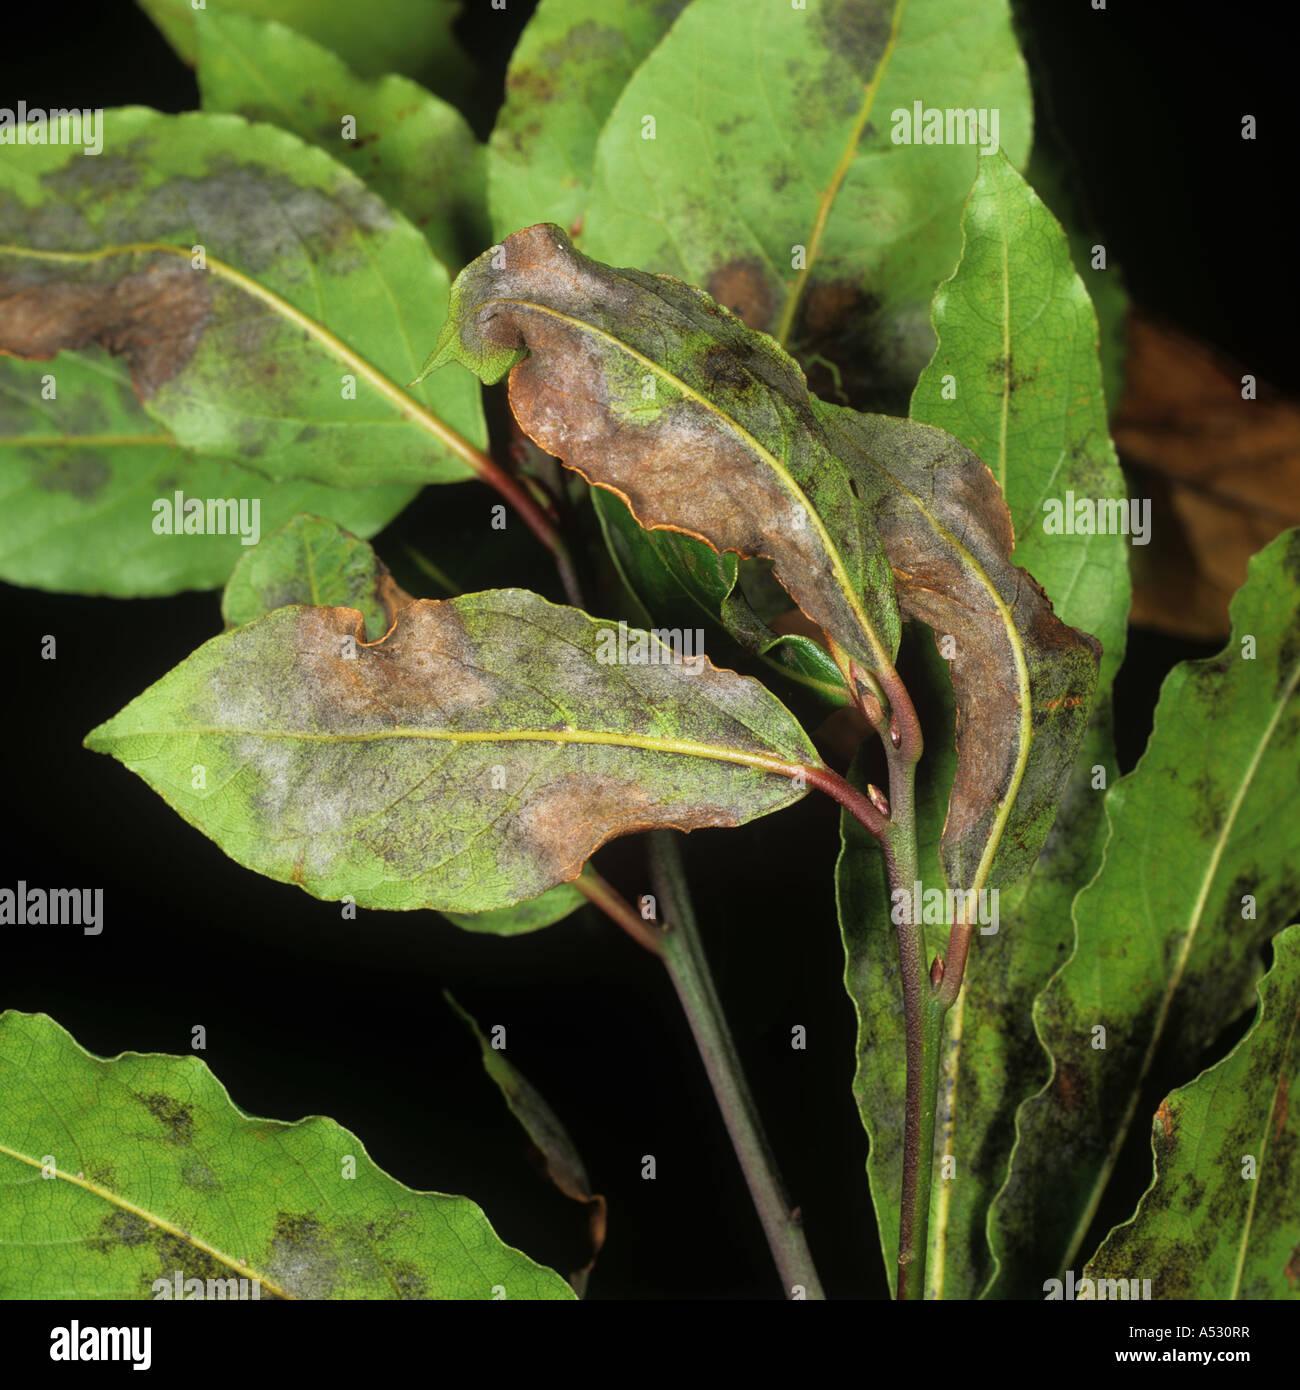 Powdery mildew Oidium lauraceum on sweet bay laurel Laurus nobilis - Stock Image